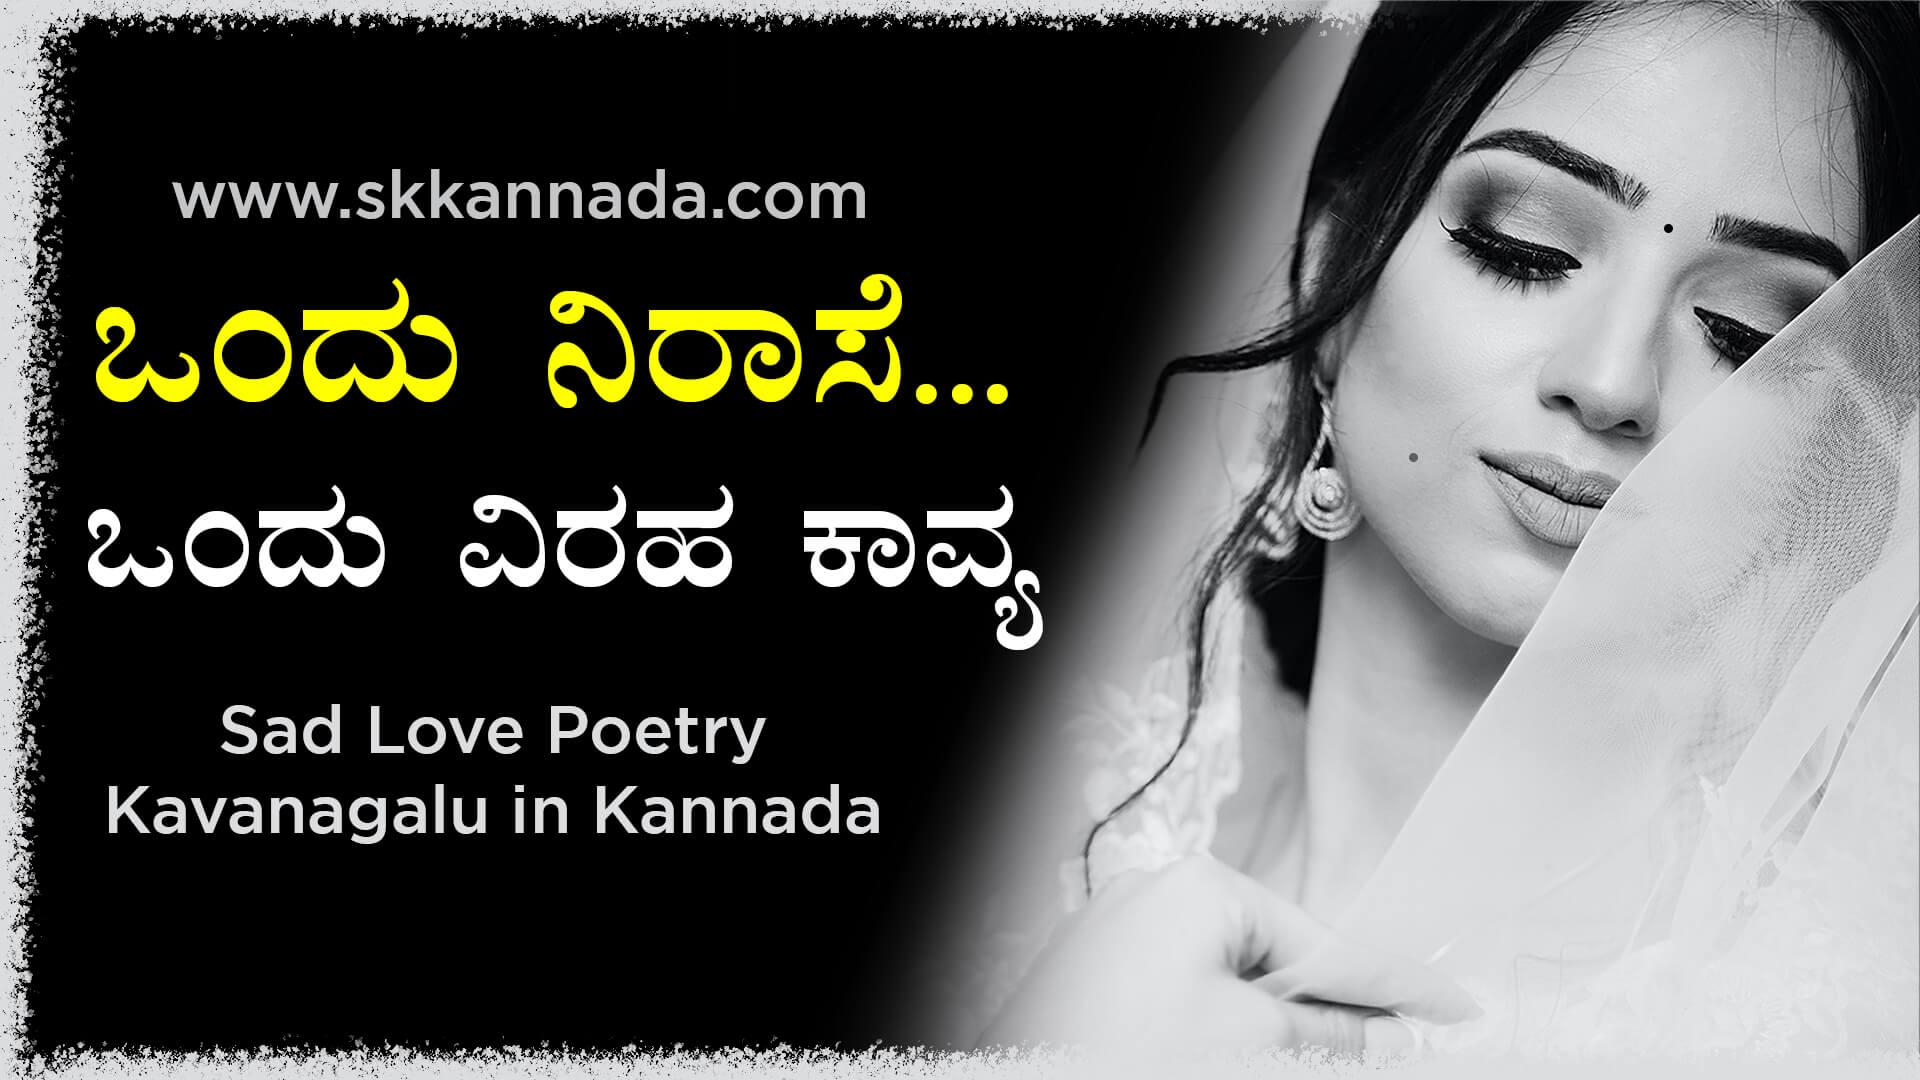 ಒಂದು ನಿರಾಸೆ... ಒಂದು ವಿರಹ ಕಾವ್ಯ - Sad Love Kavanagalu in Kannada